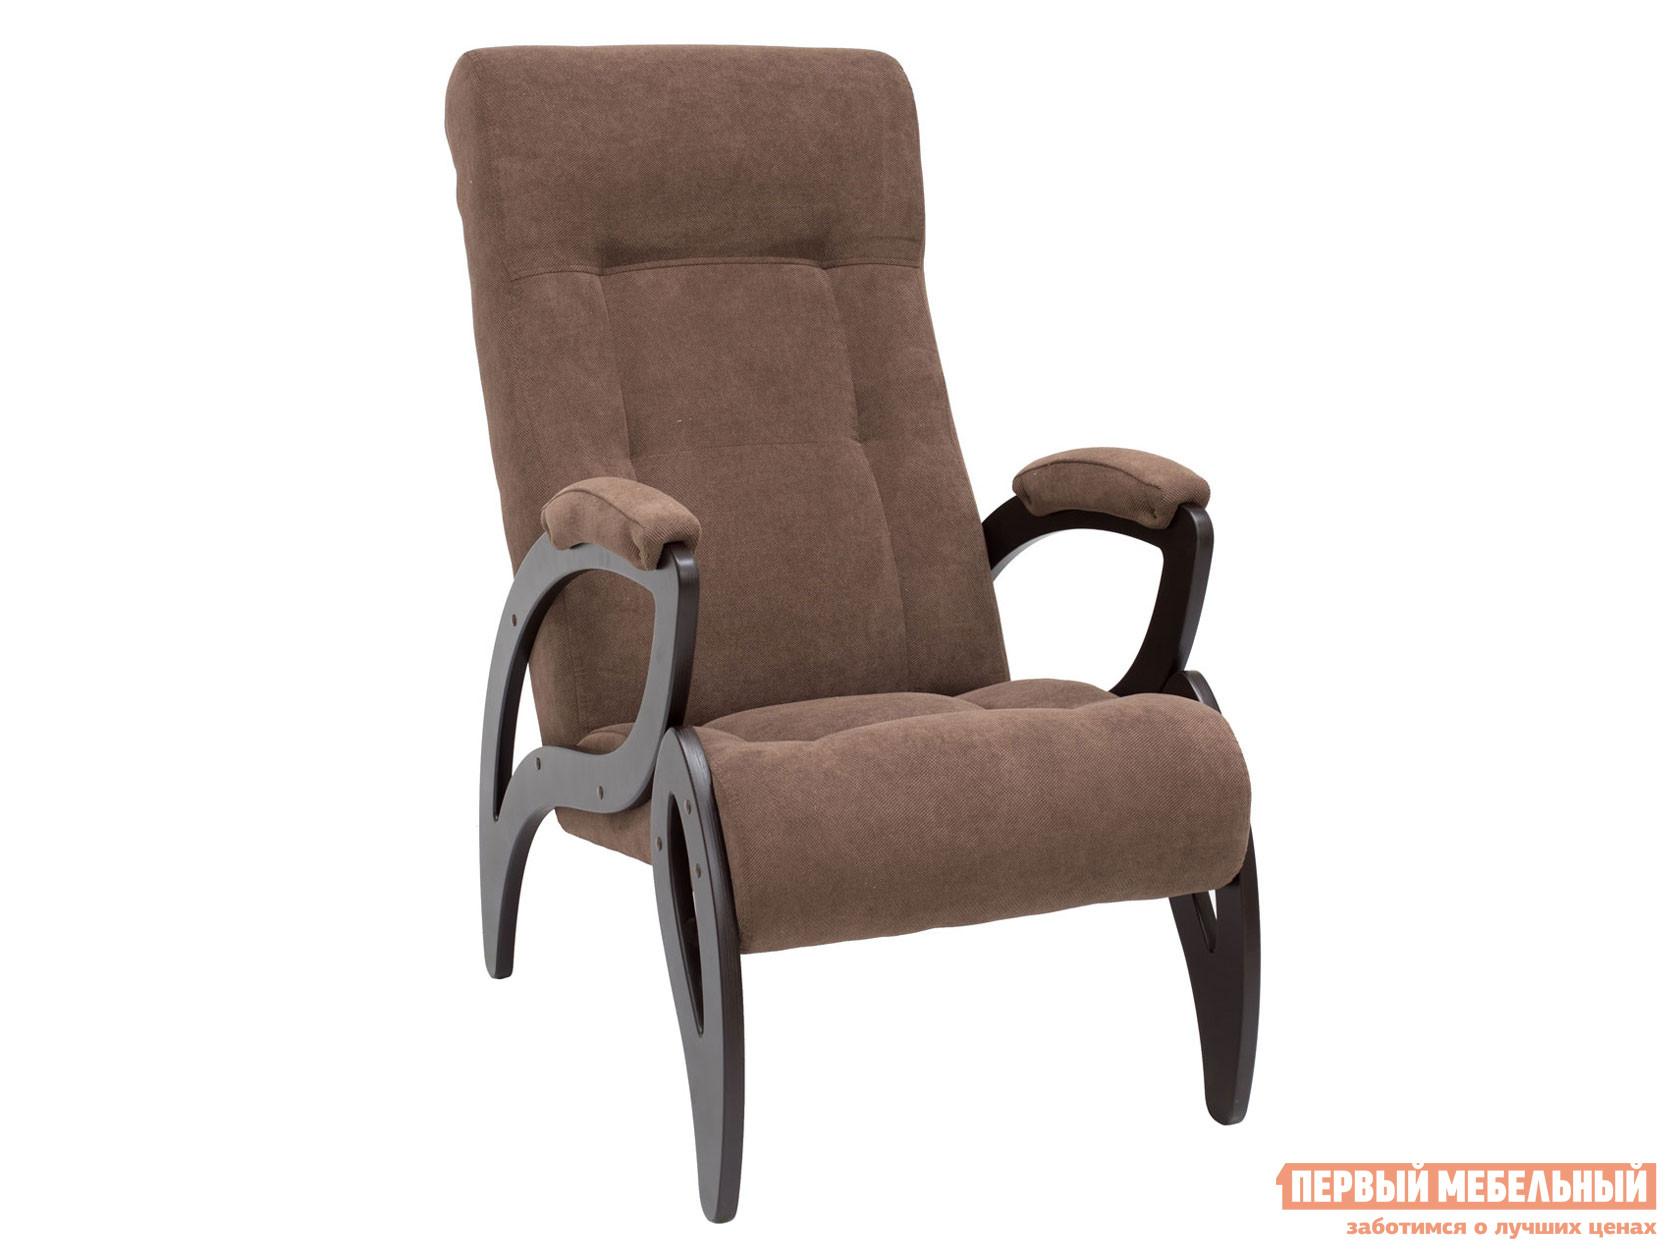 Кресло  Кресло для отдыха Комфорт Модель 51 Венге, Verona Brown, велюр